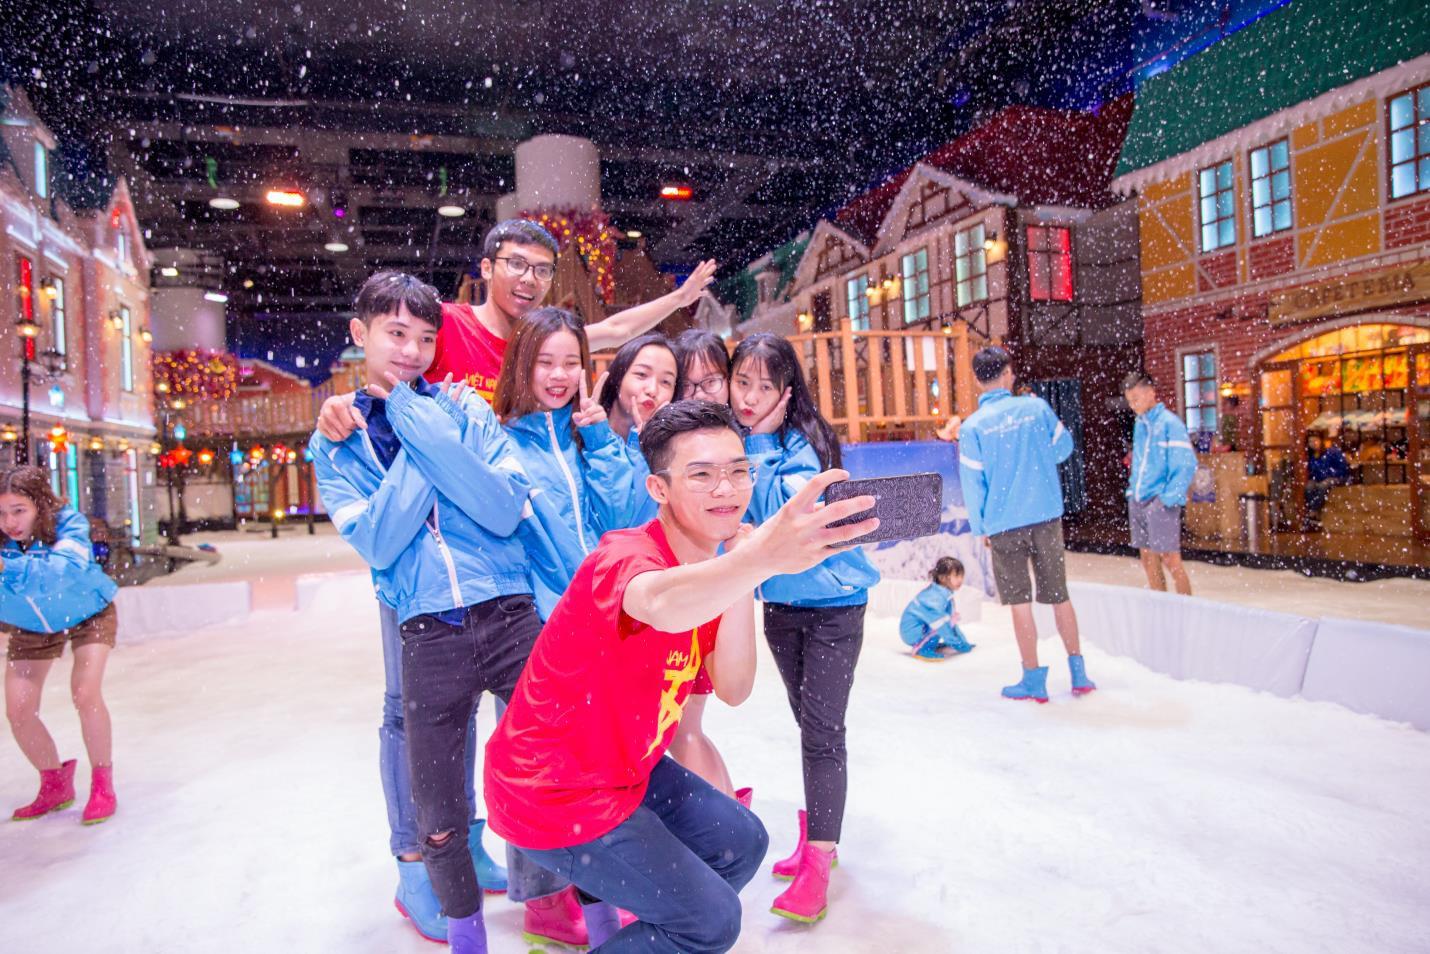 Cơ hội đi Đà Lạt miễn phí khi chụp ảnh tại Snow Town - Ảnh 2.